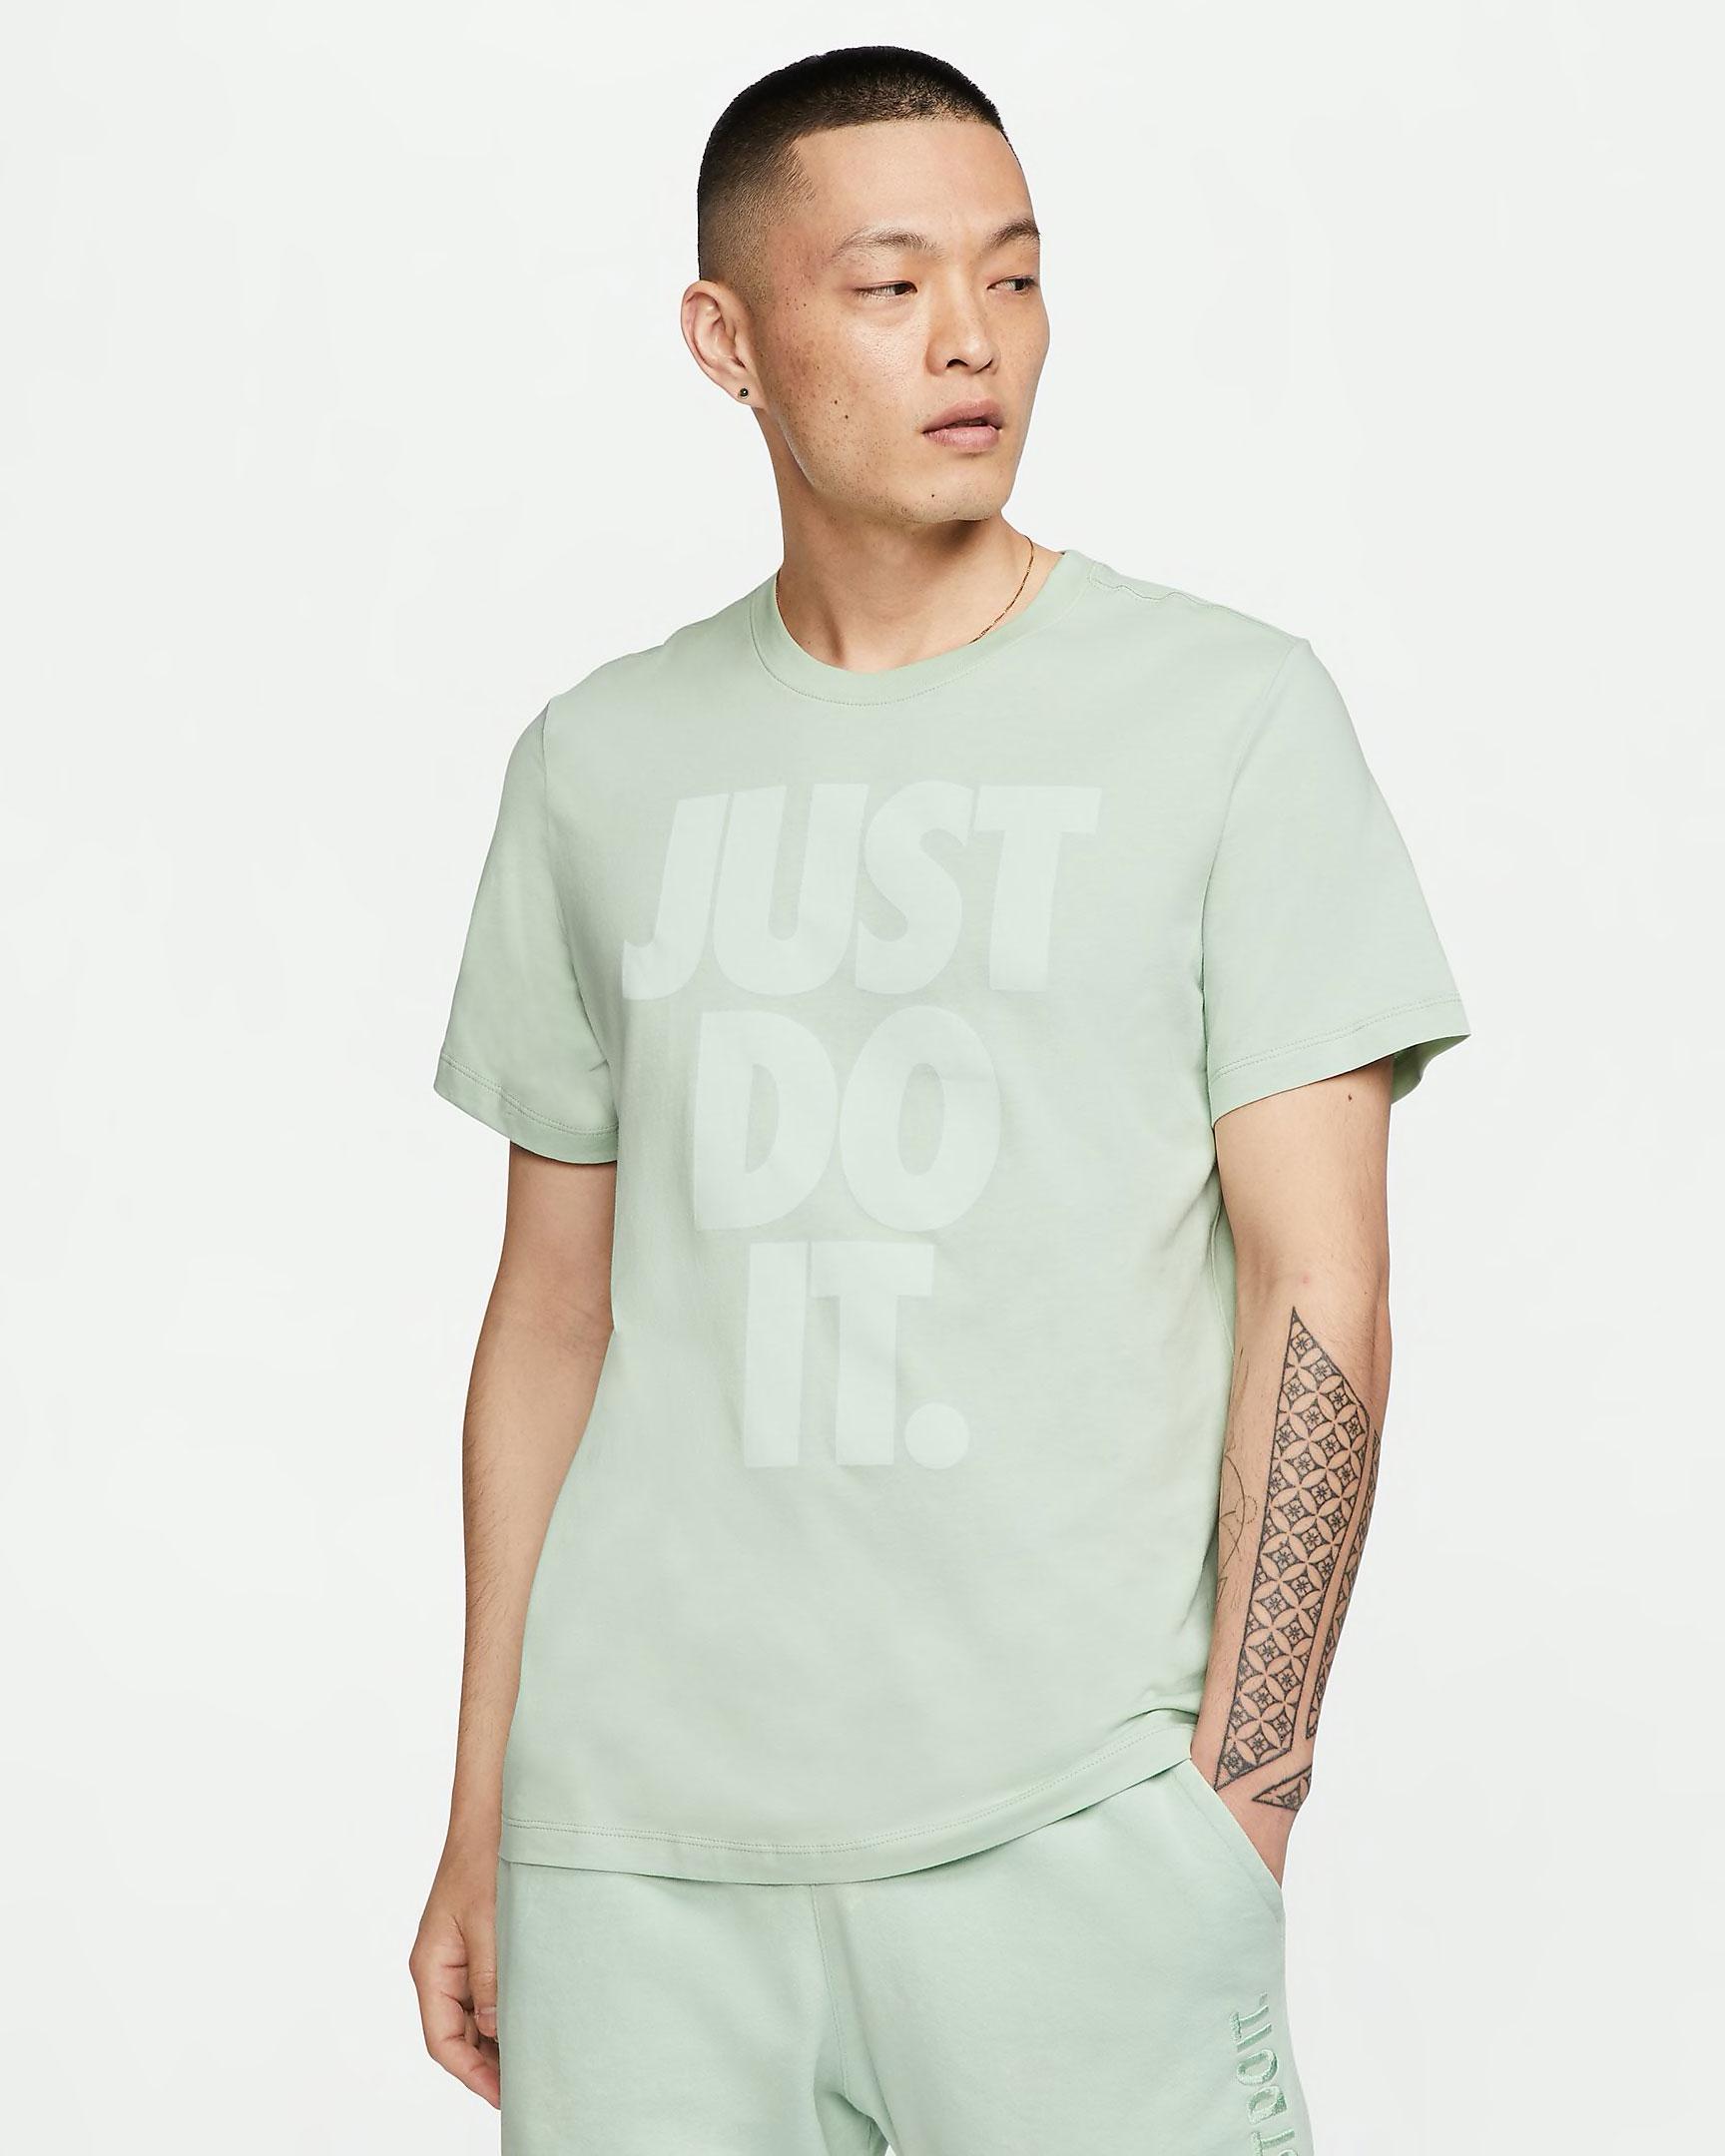 nike-sportswear-just-do-it-pistachio-frost-shirt